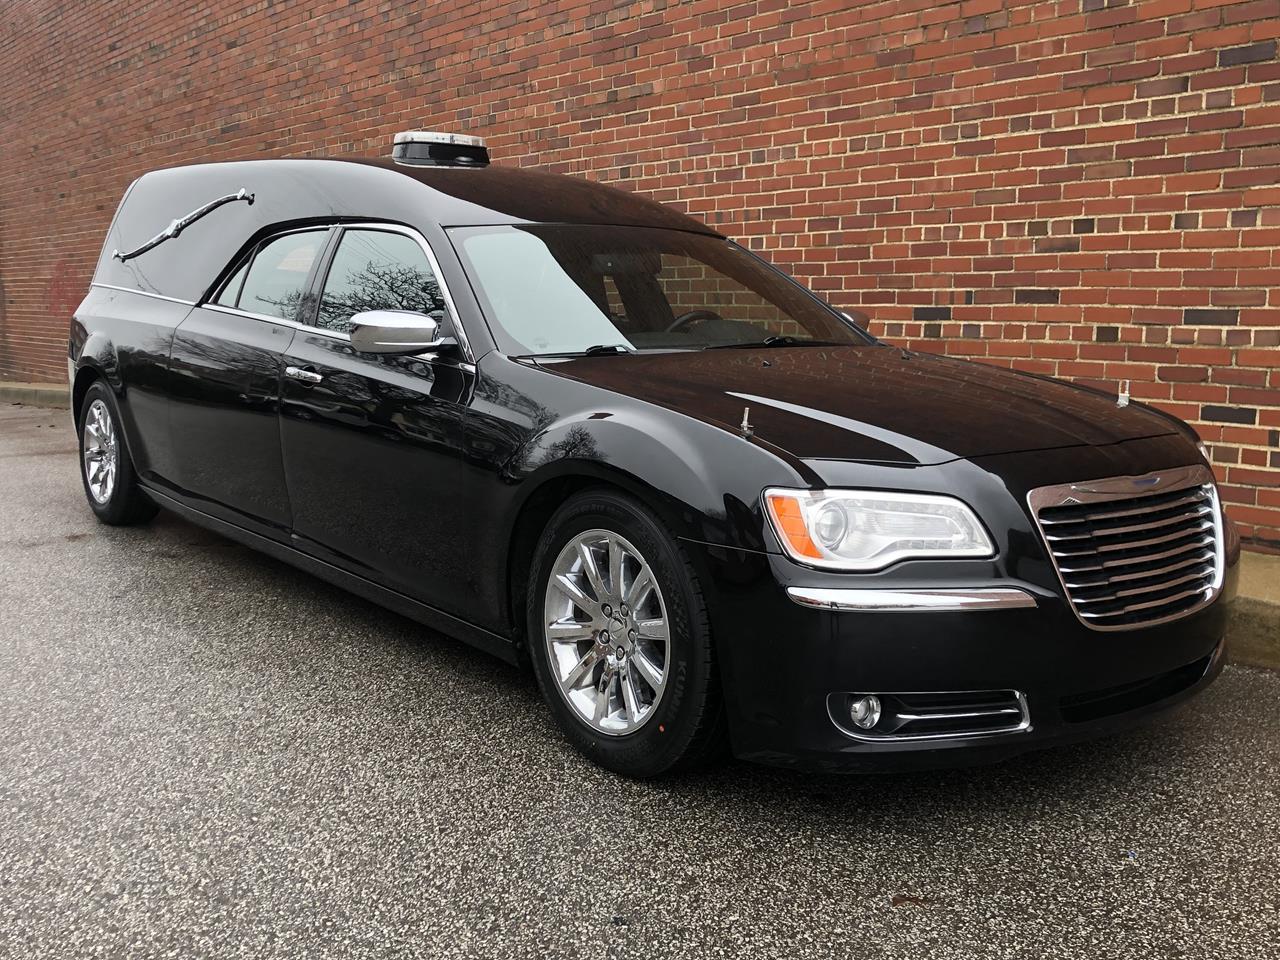 2012 Bennett Chrysler 300 Hearse For Sale Near Me